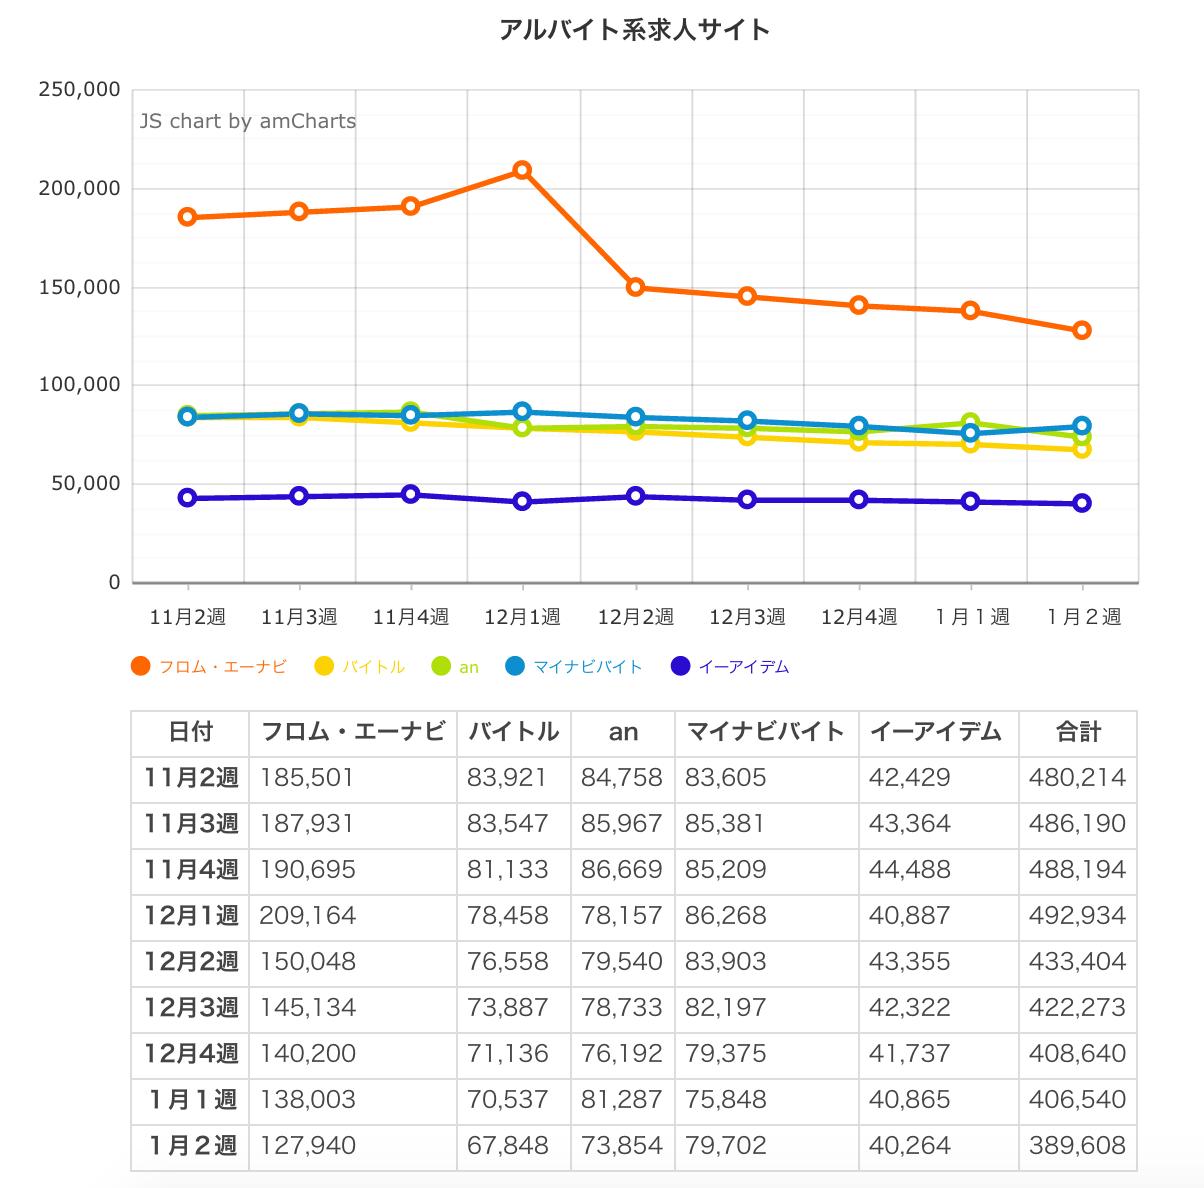 ウィークリー求人サイト掲載件数速報 2015年1月2週